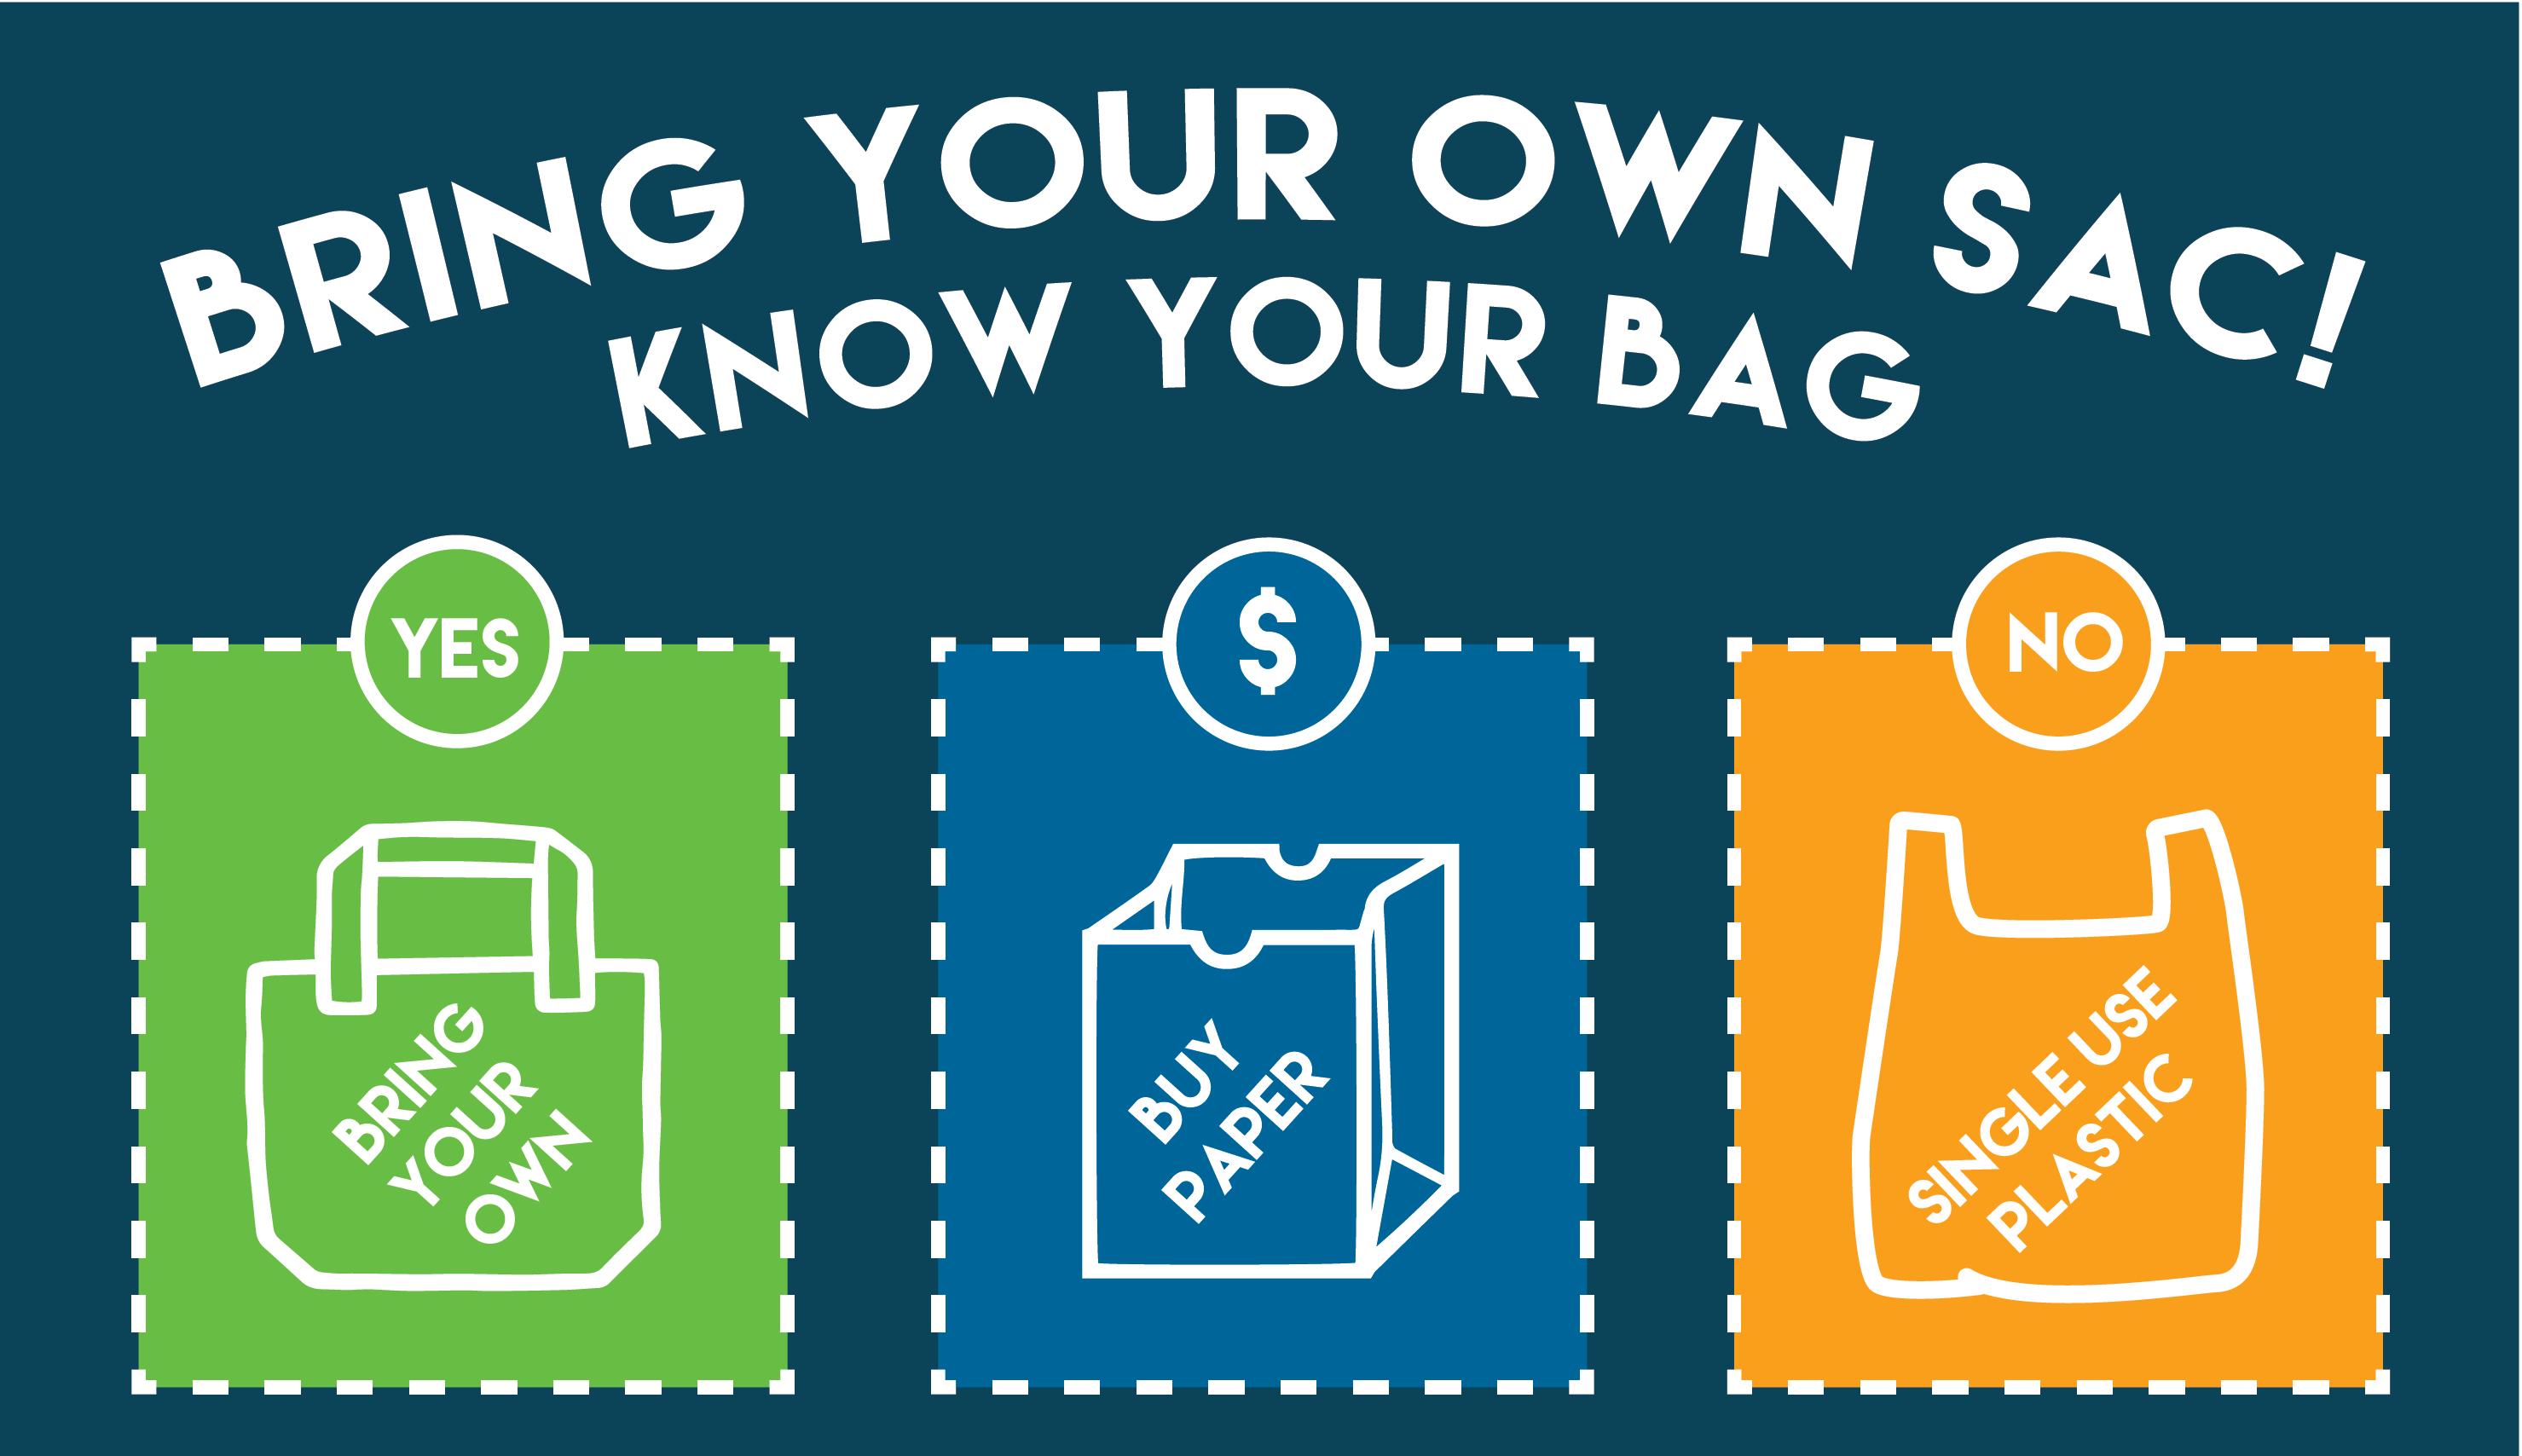 Sacramento County Says Goodbye to Single-use Plastic Bags